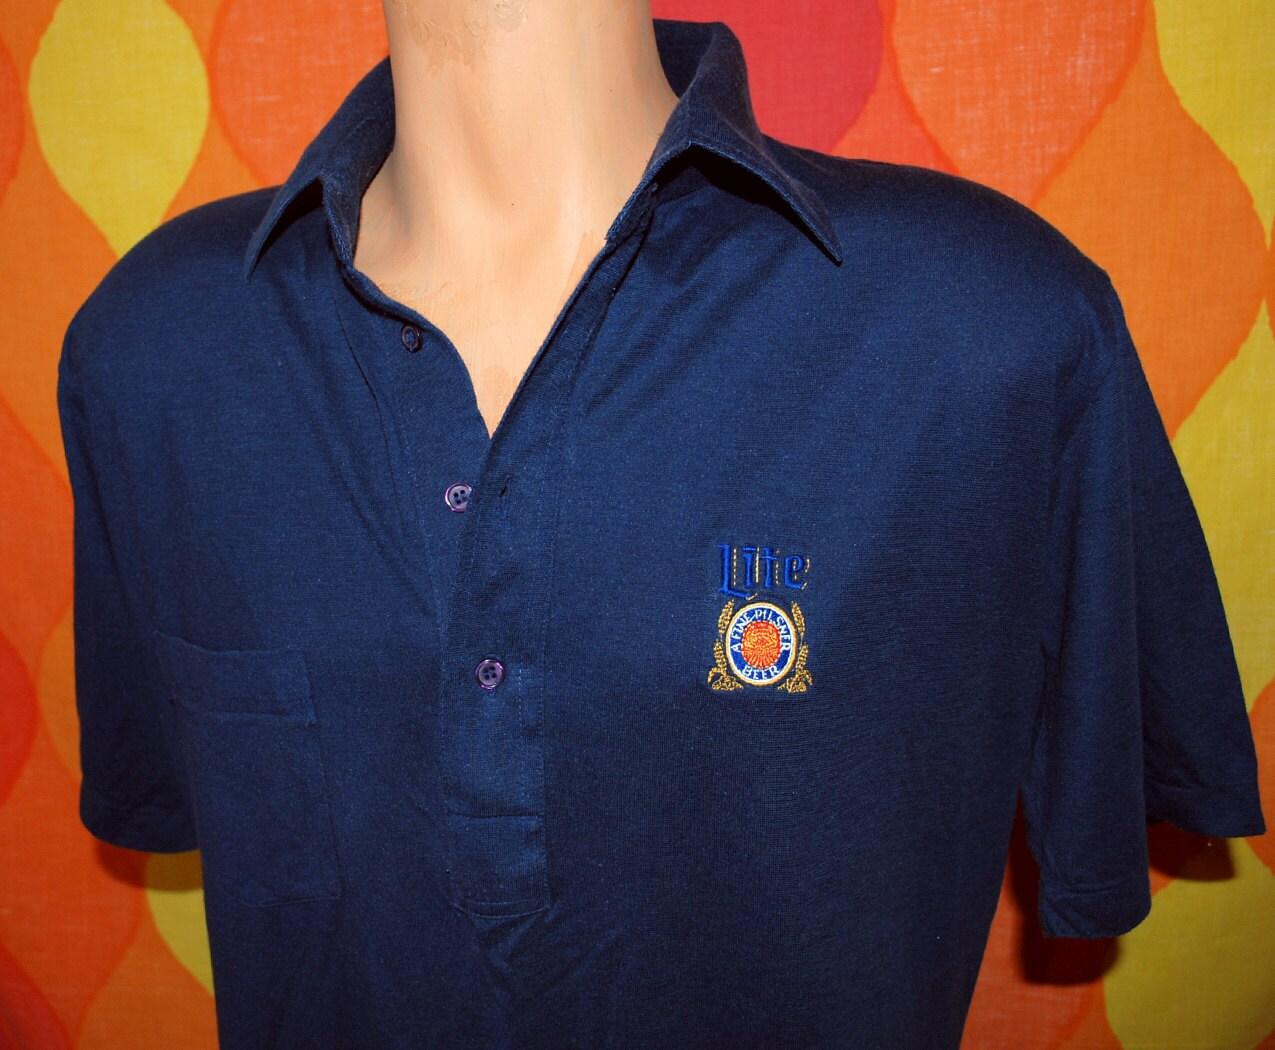 Vintage Golf Shirt 80s Miller Lite Beer Logo Patch Uniform